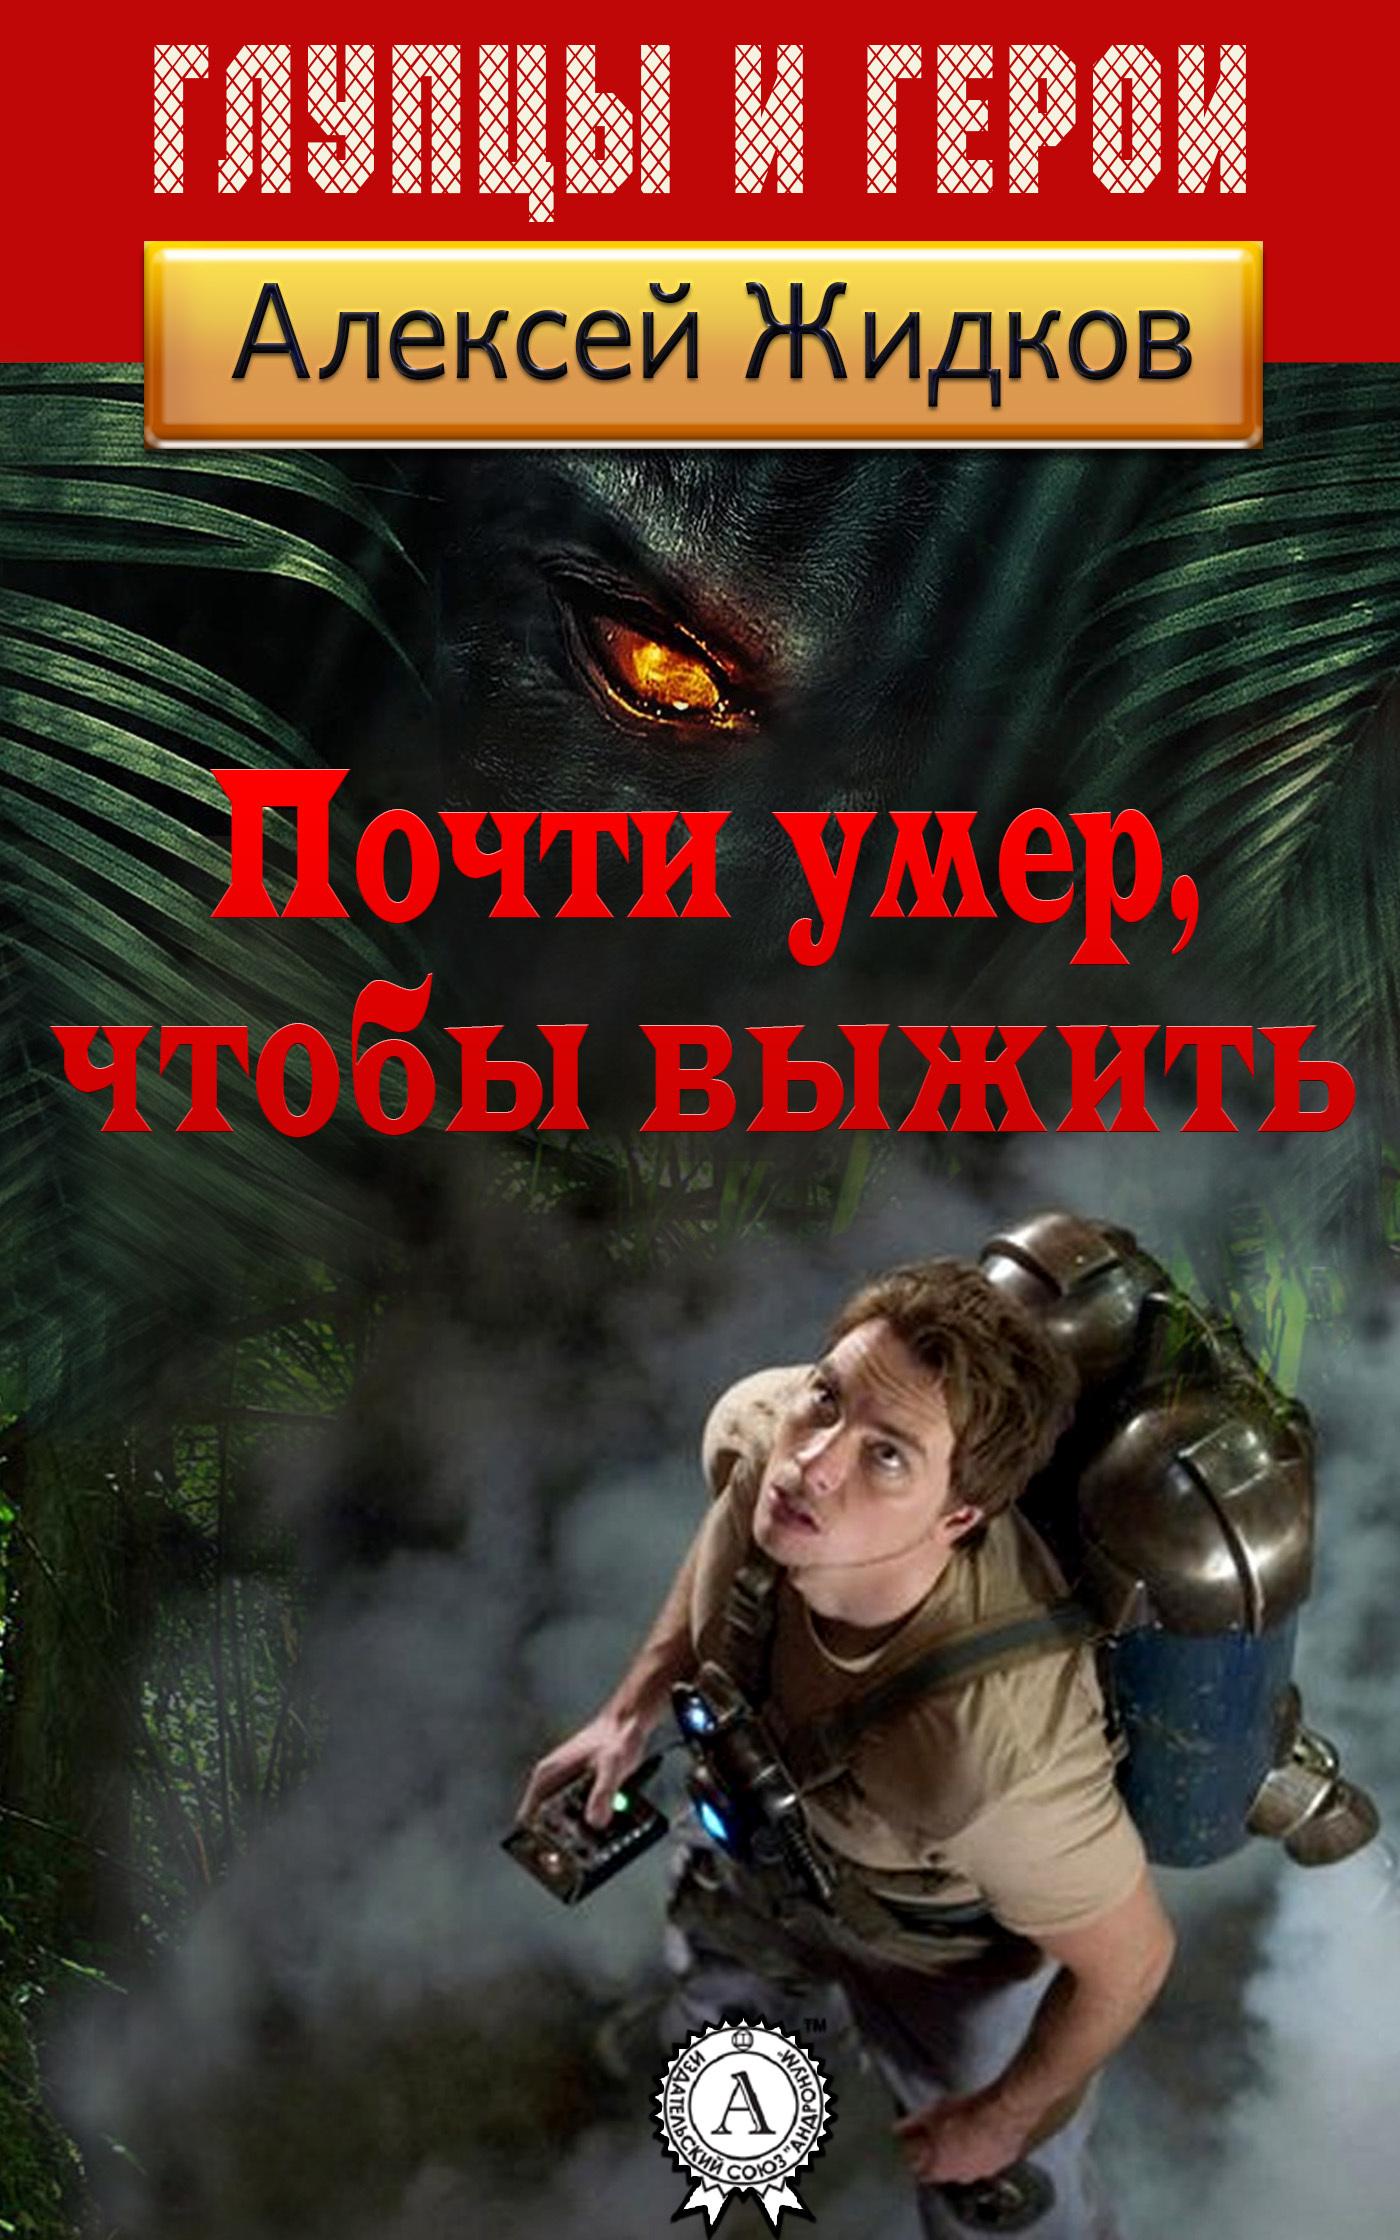 Алексей Жидков «Почти умер, чтобы выжить»